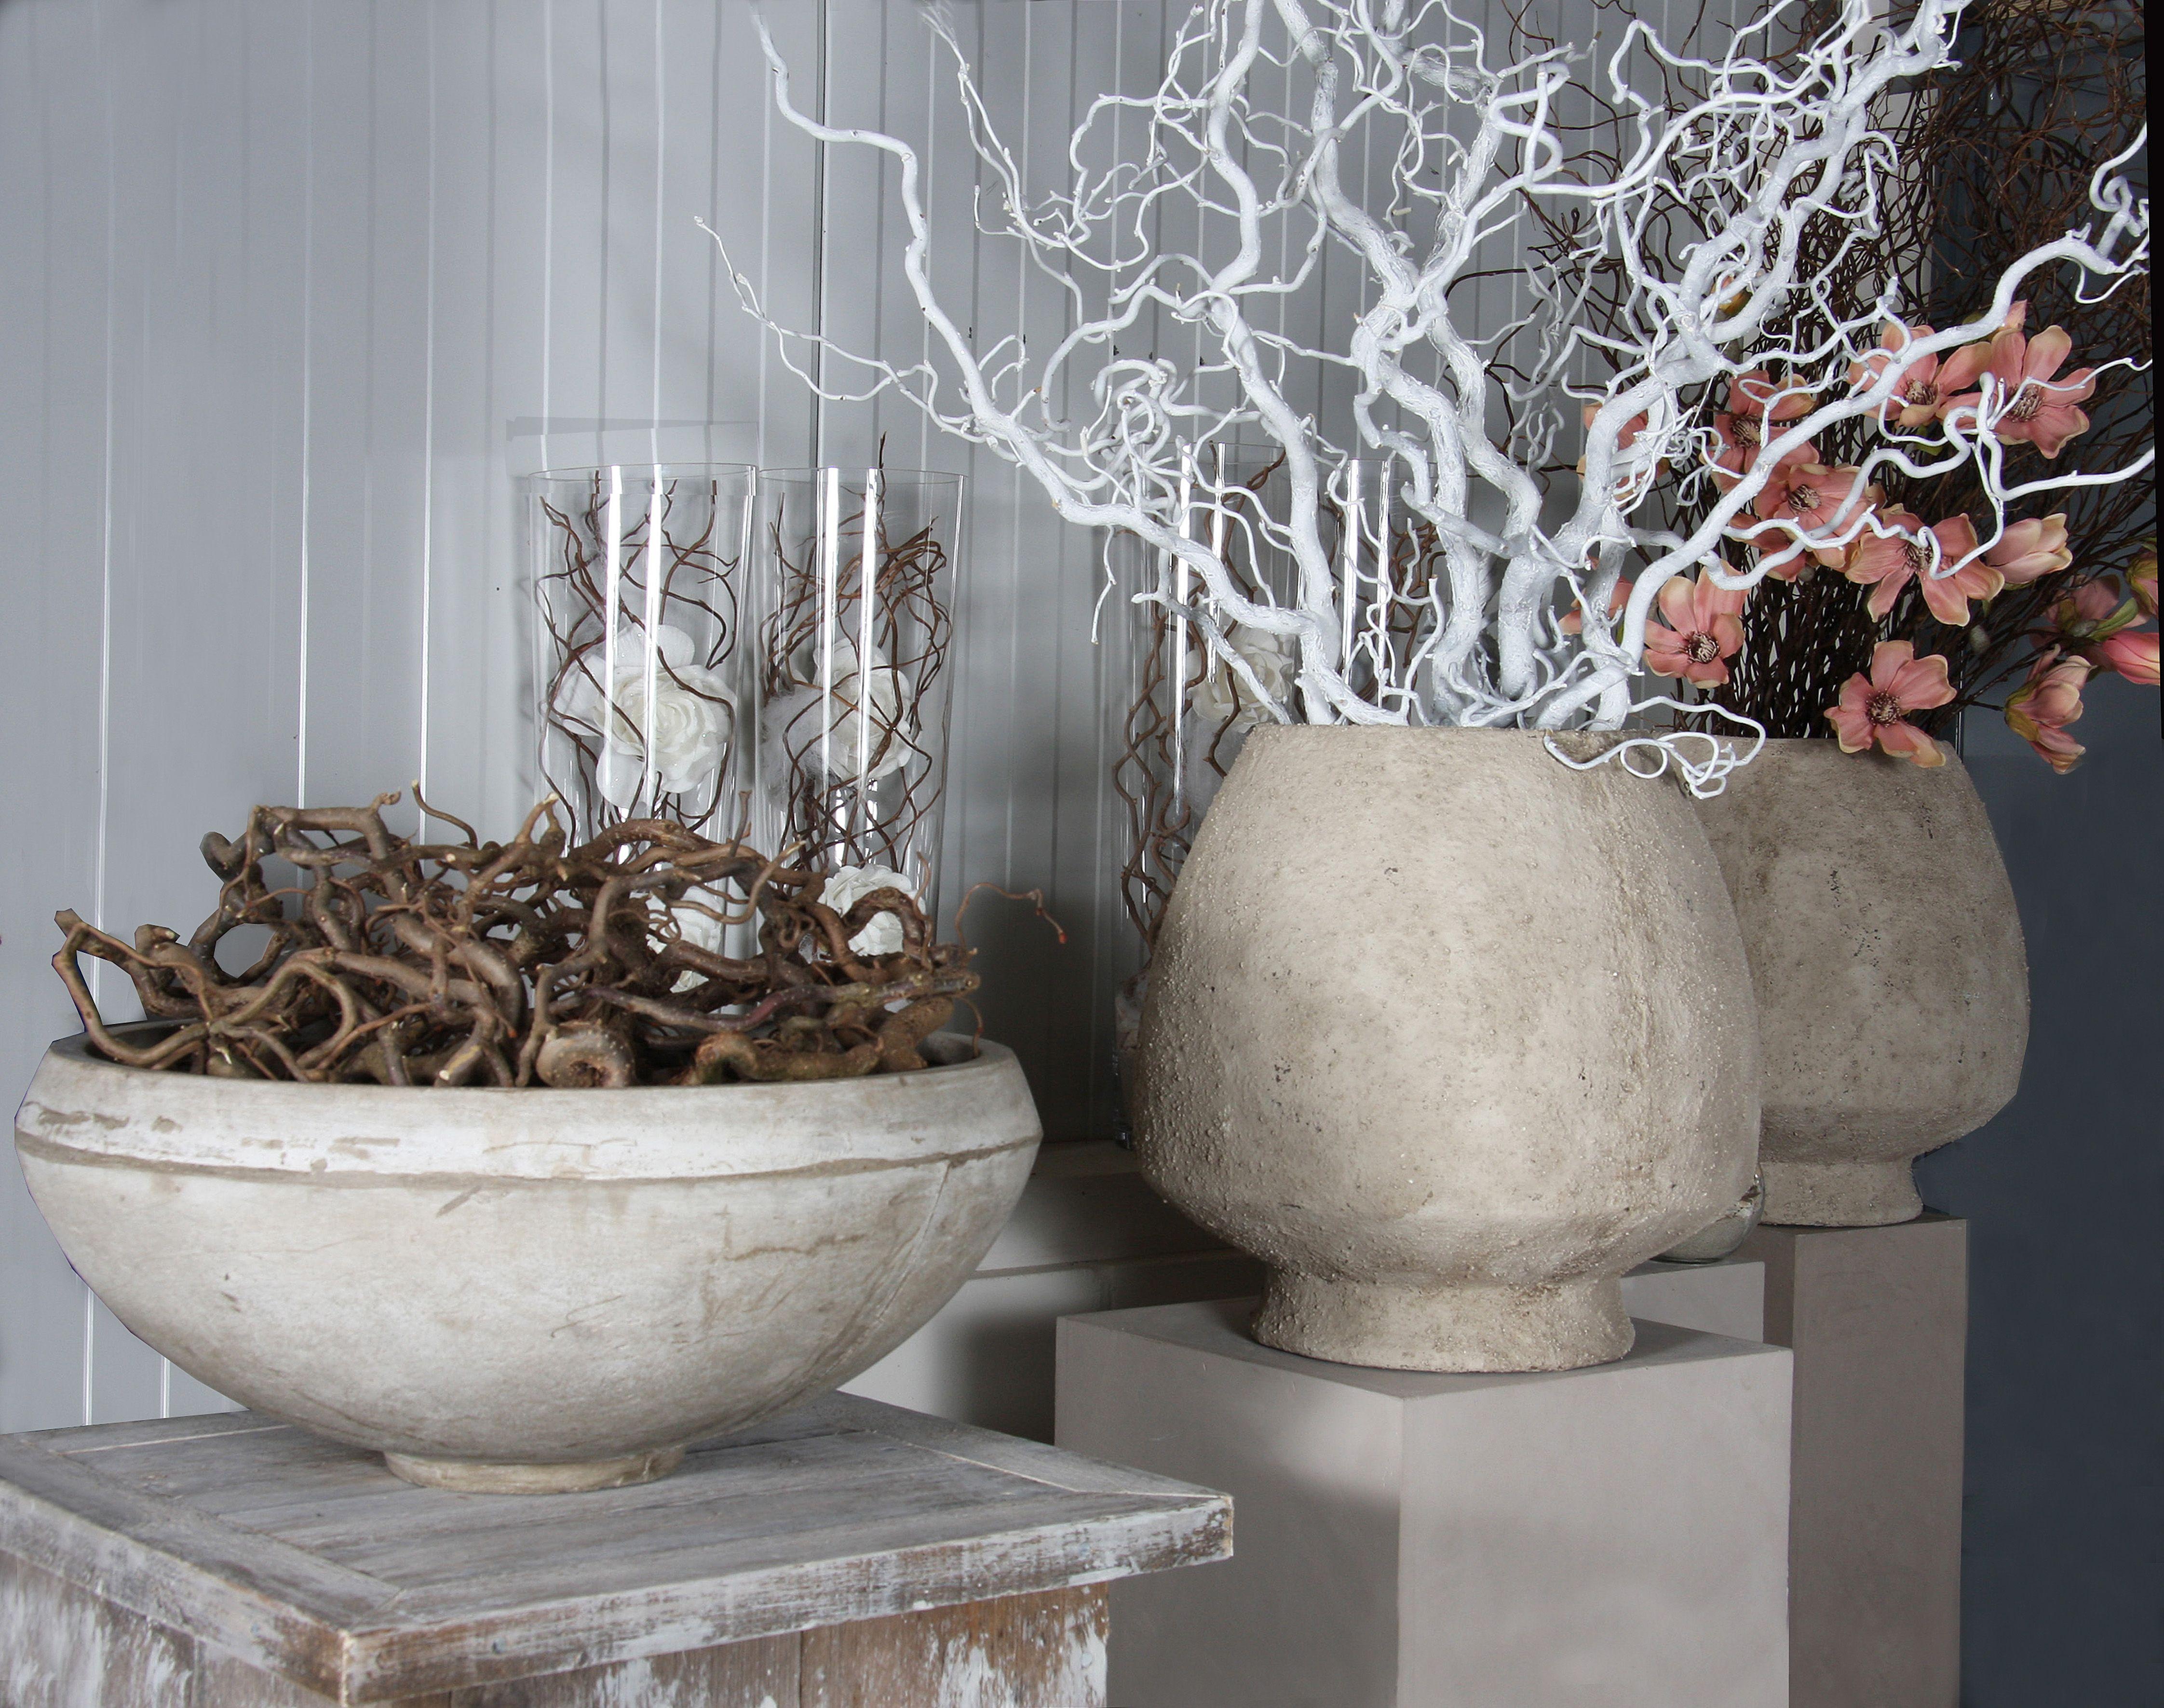 Allerlei Decoratie Takken Op Een Zuil In Mooie Potten Kijk Voor Meer Op Webschop Decoratietakken Www Decoratietakken Nl Dekoration